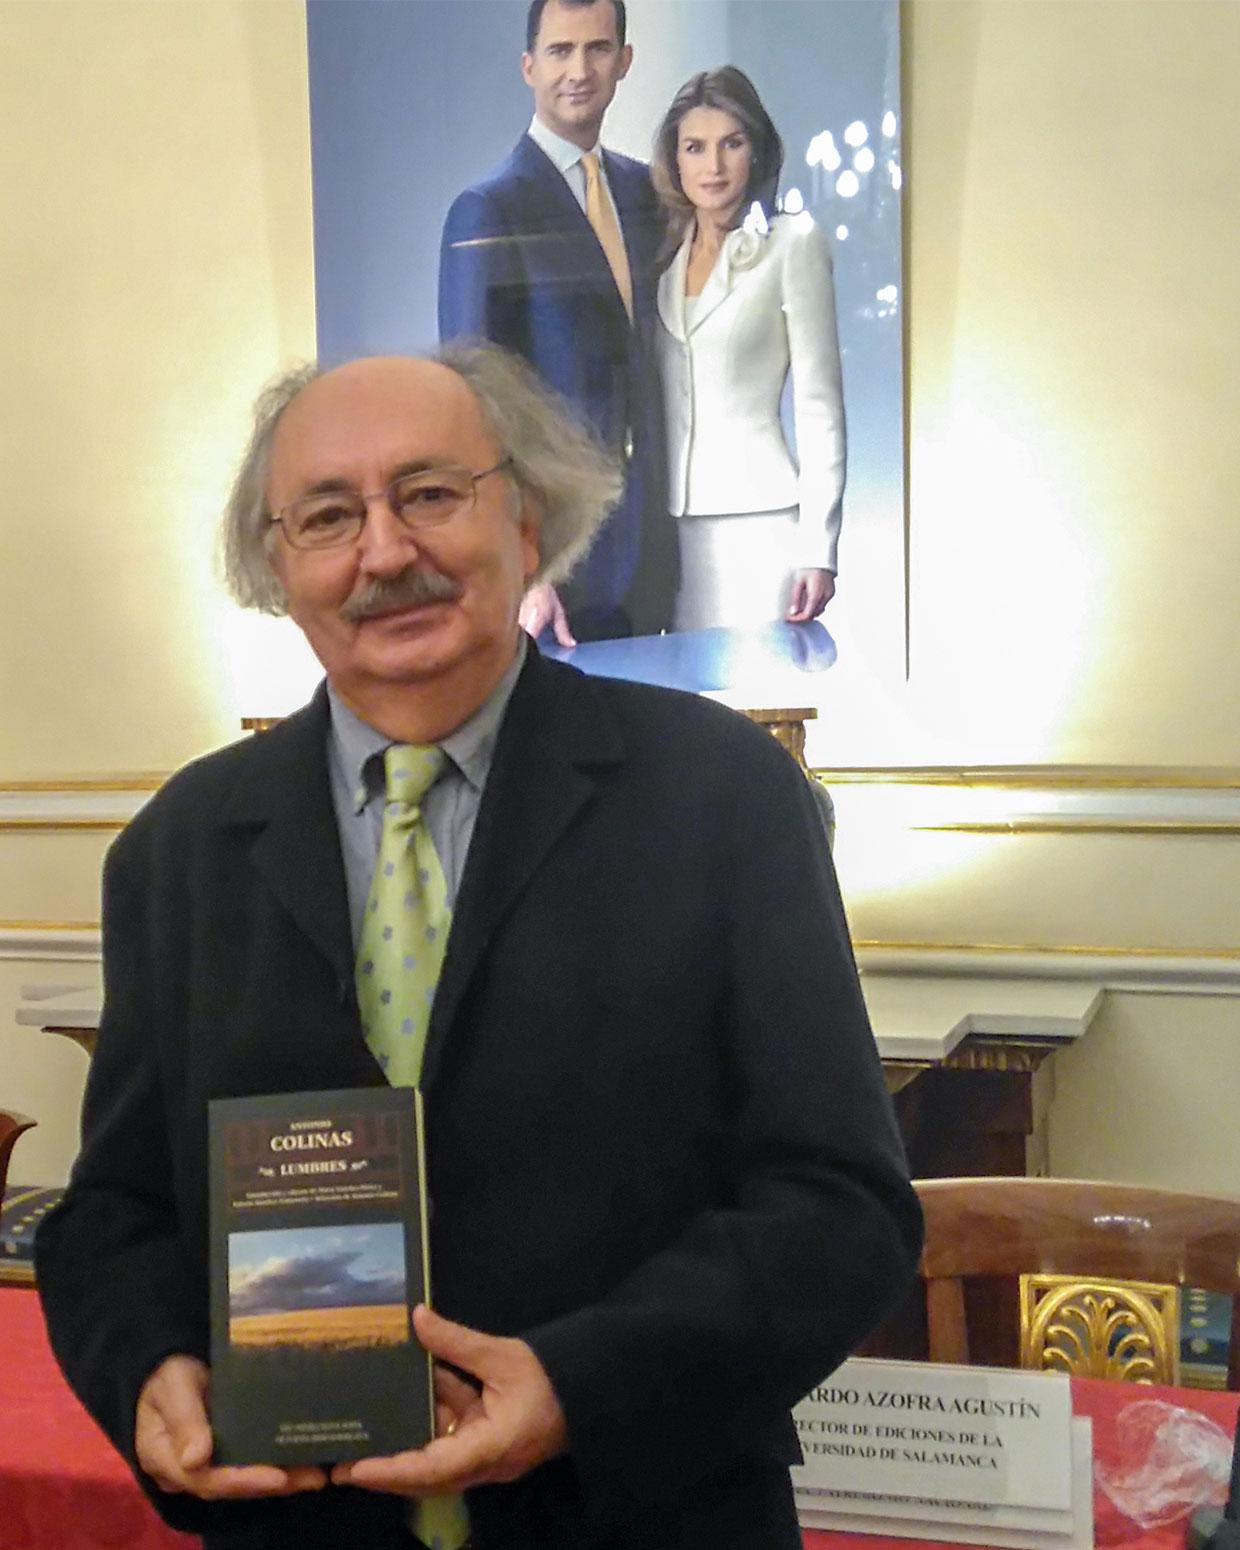 Antonio Colinas.